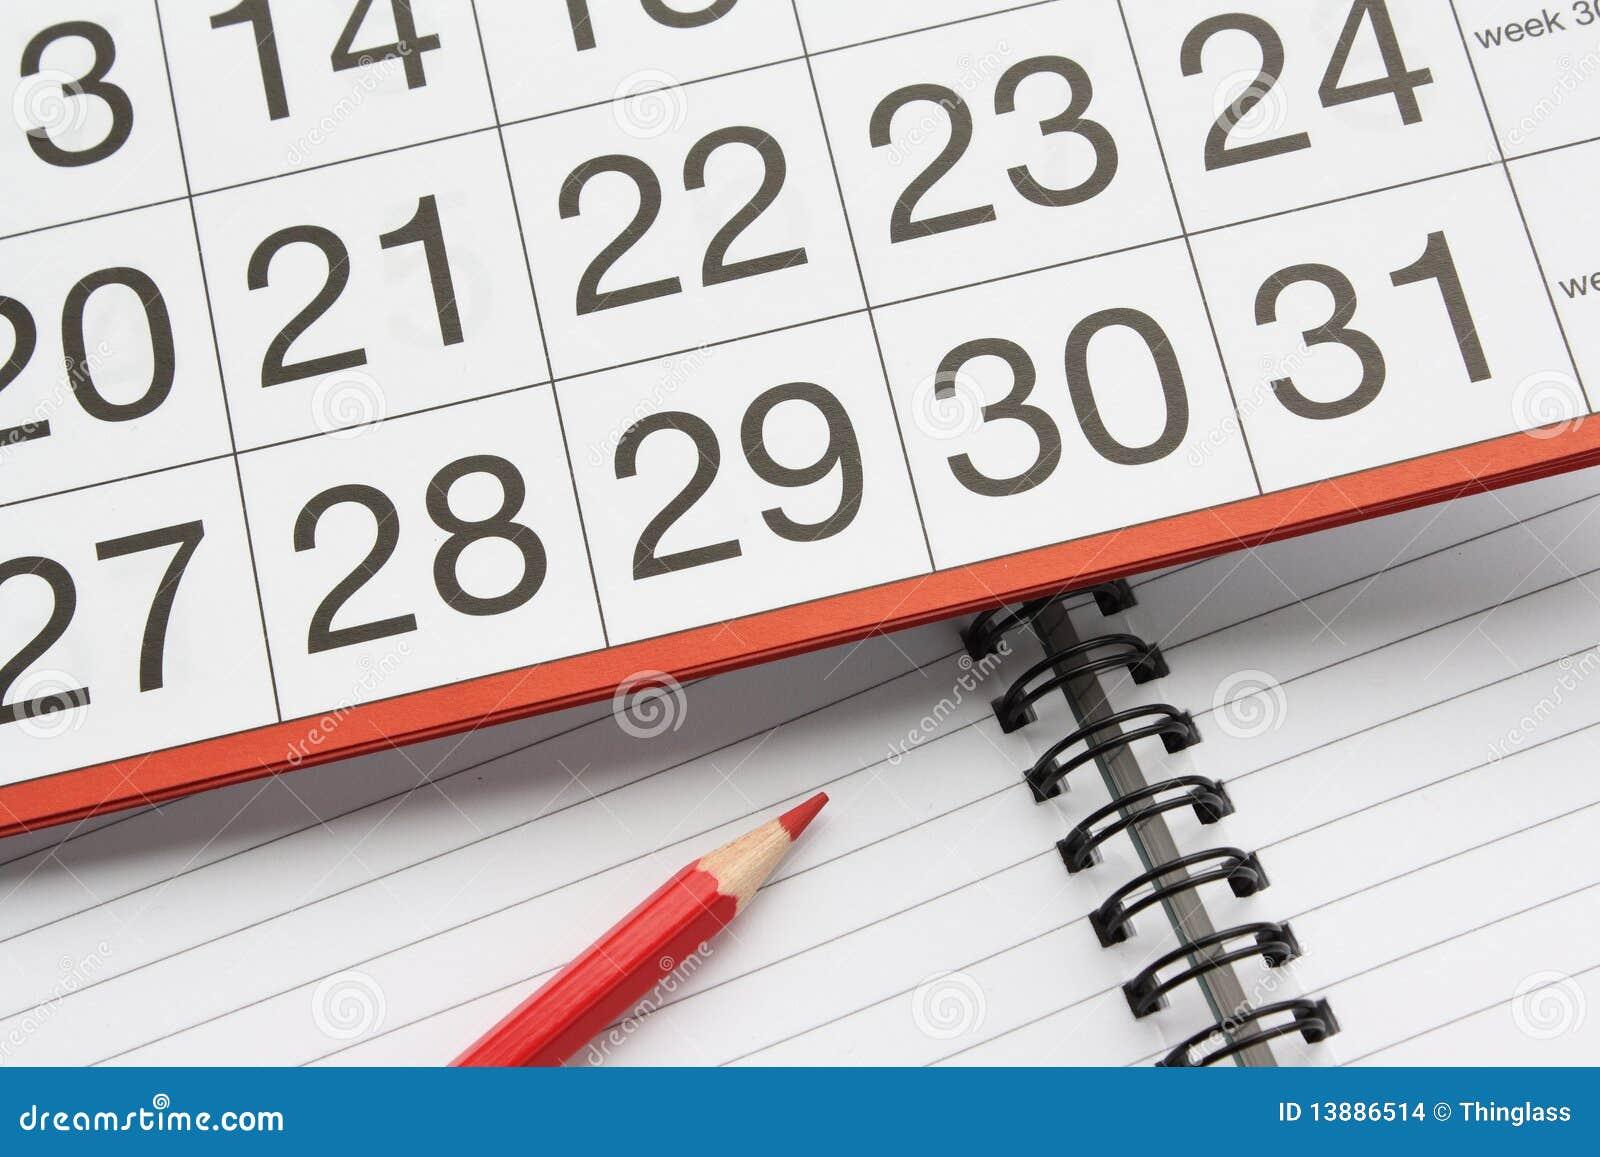 Calendar and notebook